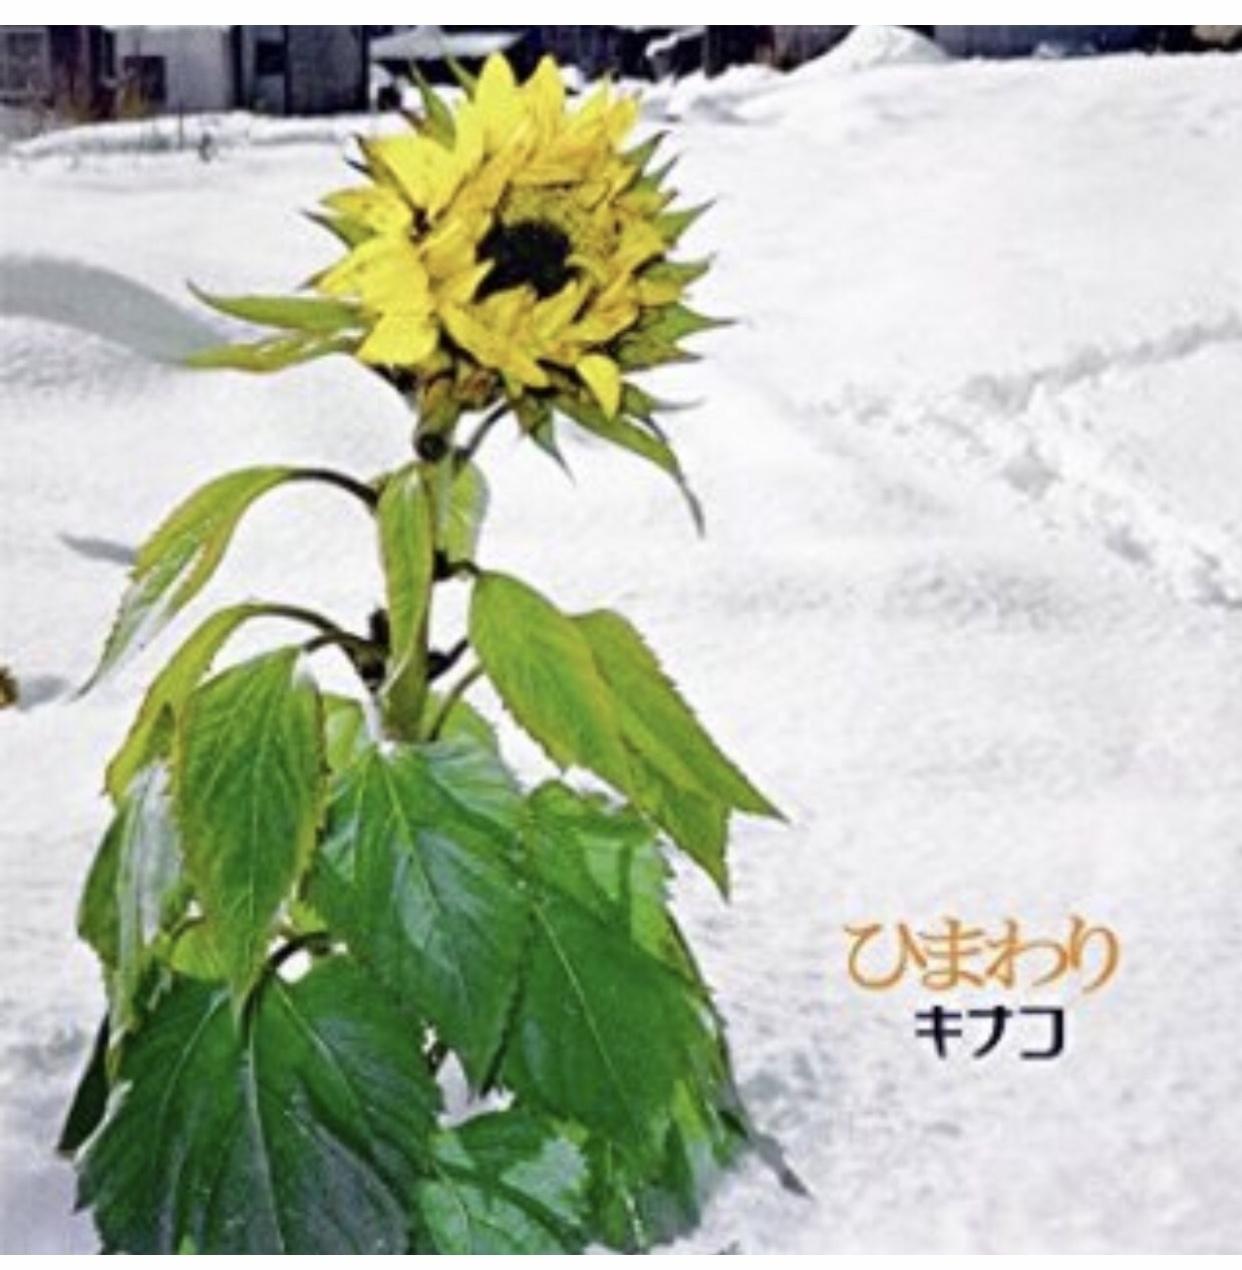 キナコ40代突入 (*≧∀≦*)!_f0115311_23240983.jpeg